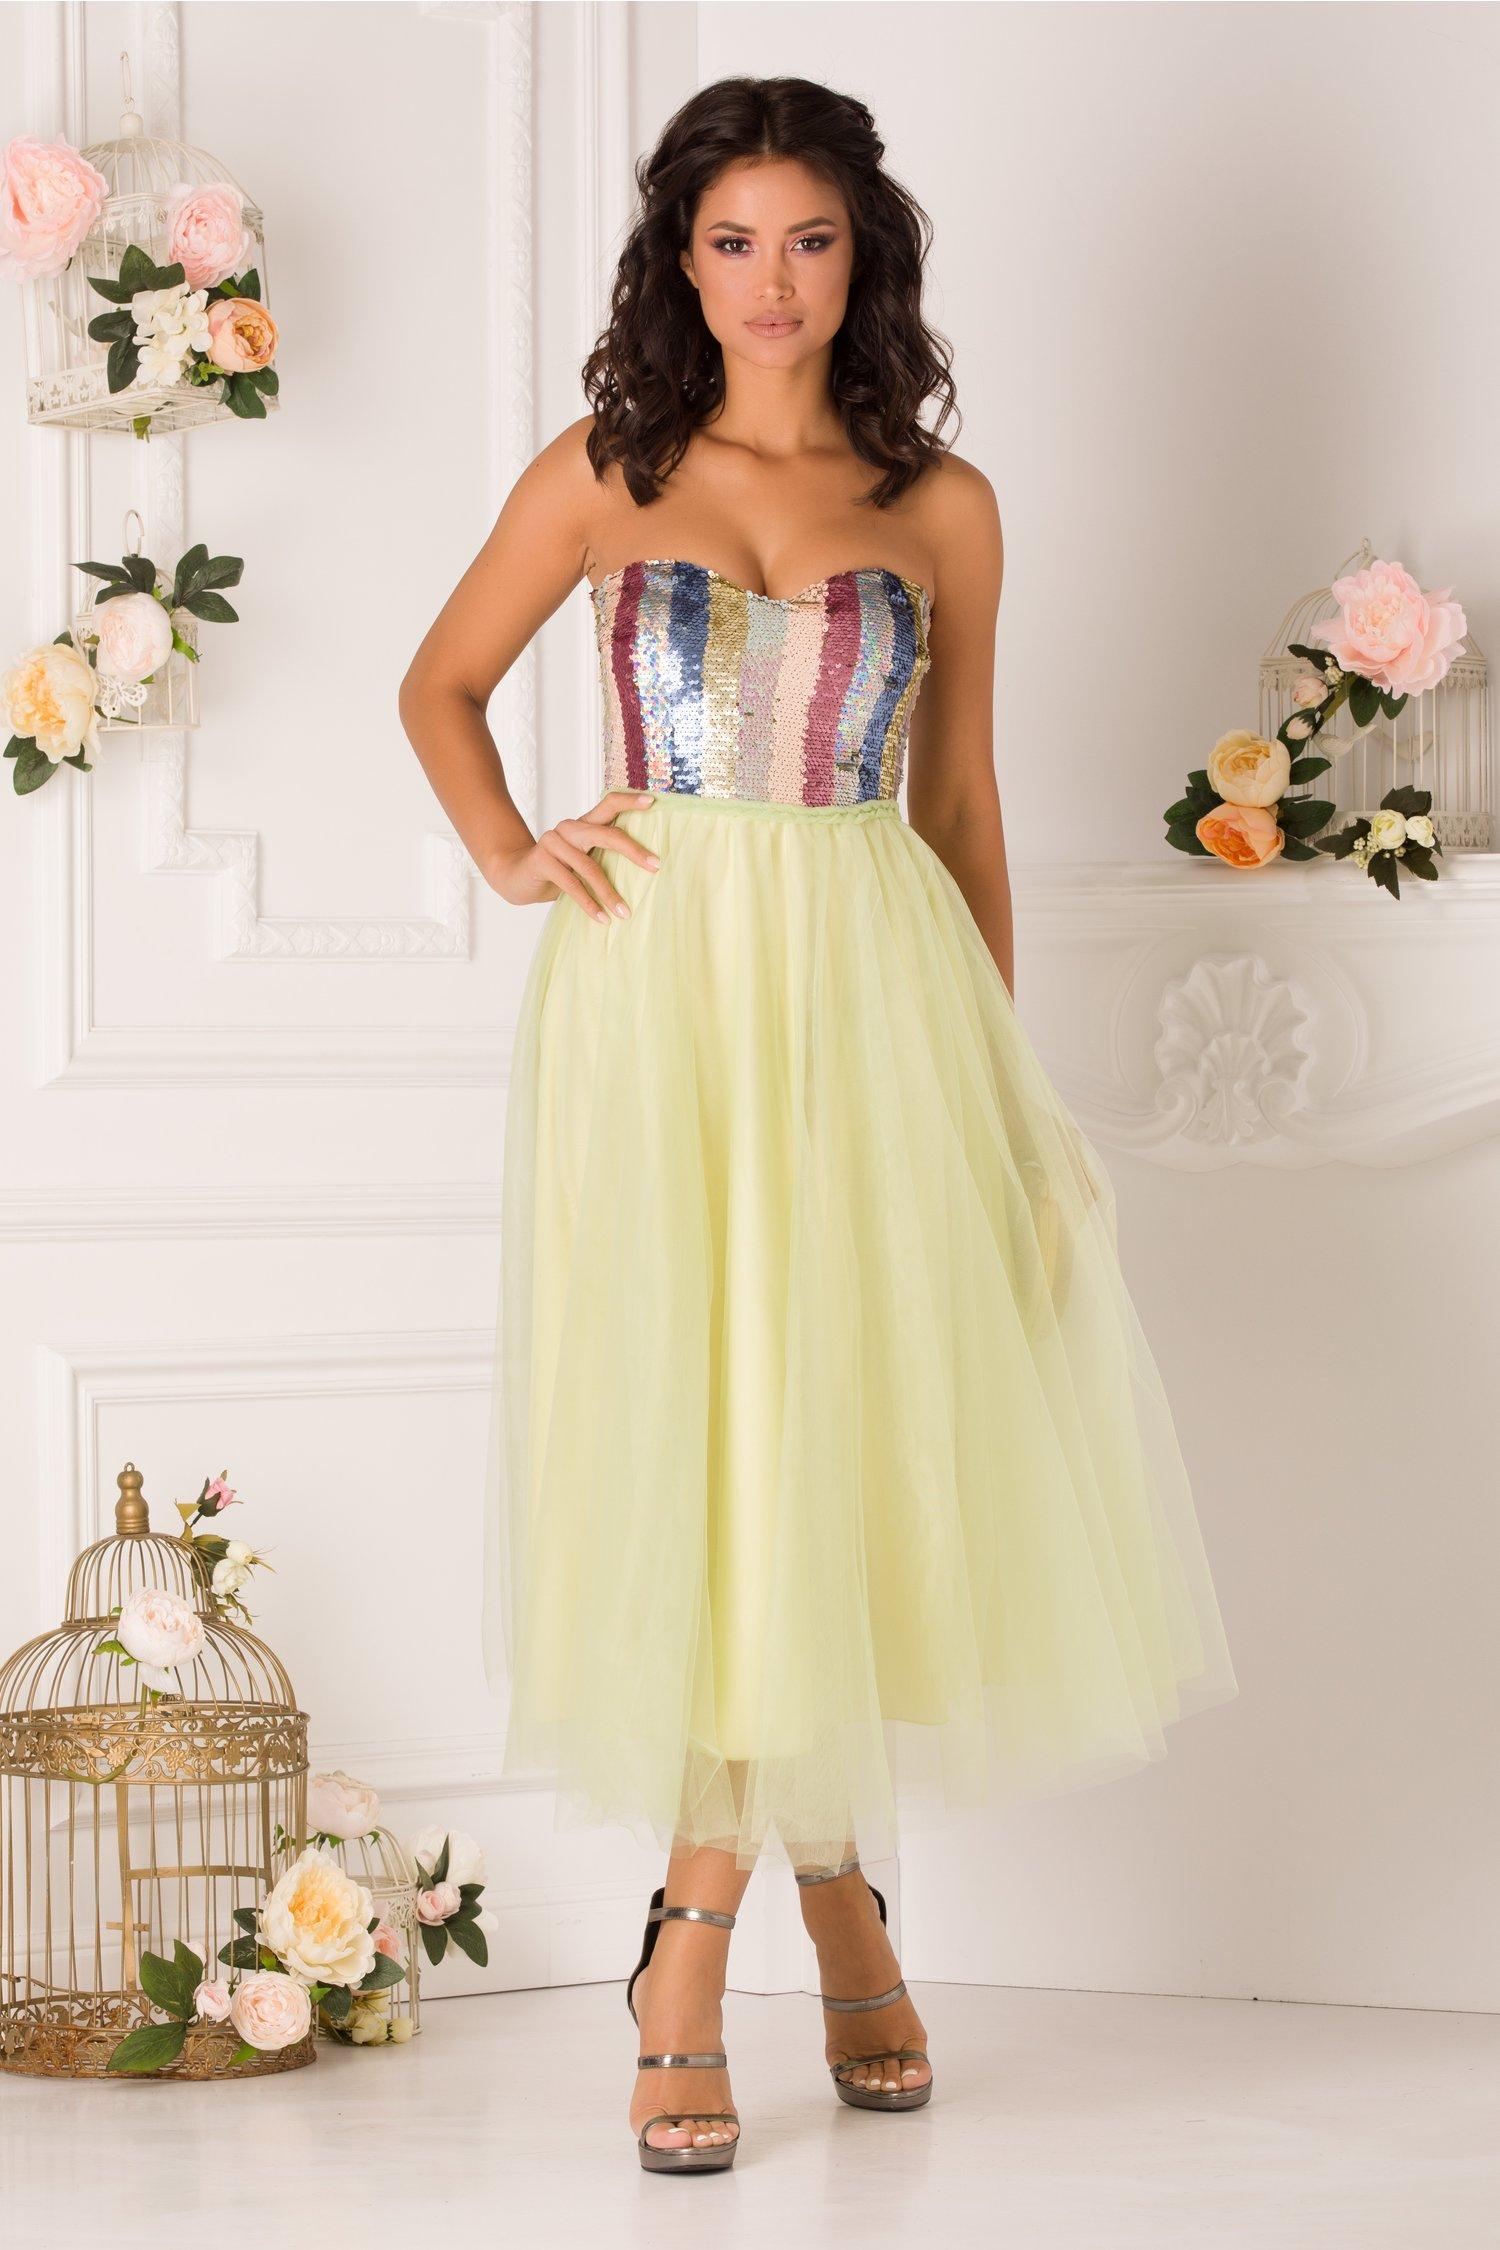 rochie ladonna verde lime cu paiete multicolore la bust 352759 4